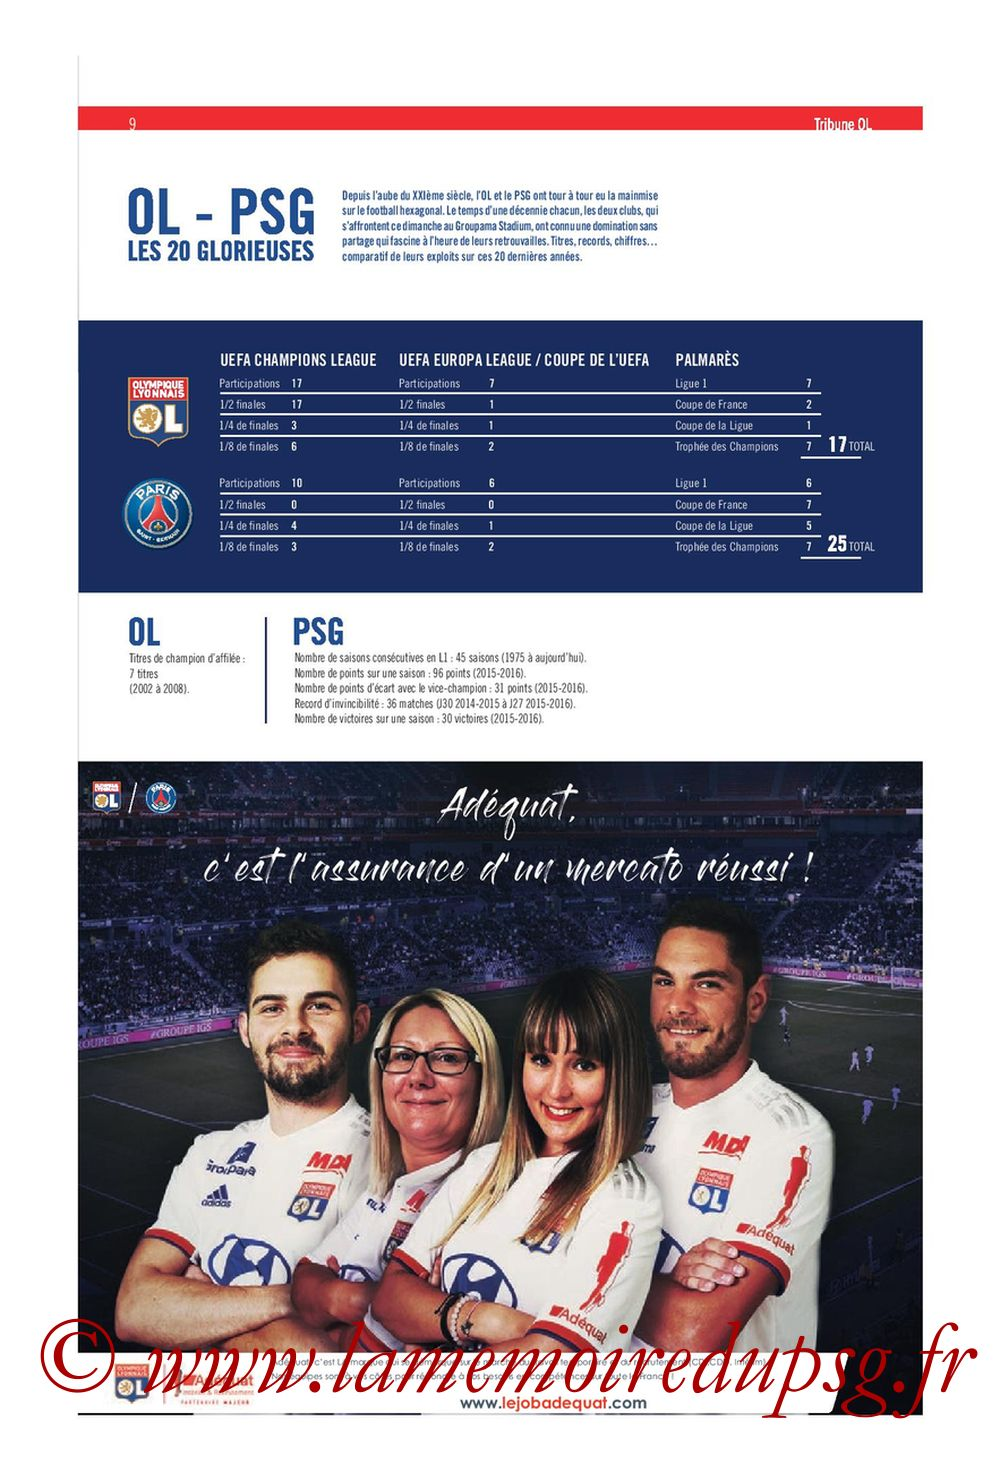 2019-09-22  Lyon-PSG (6ème L1, Tribune OL N°284) - Page 09